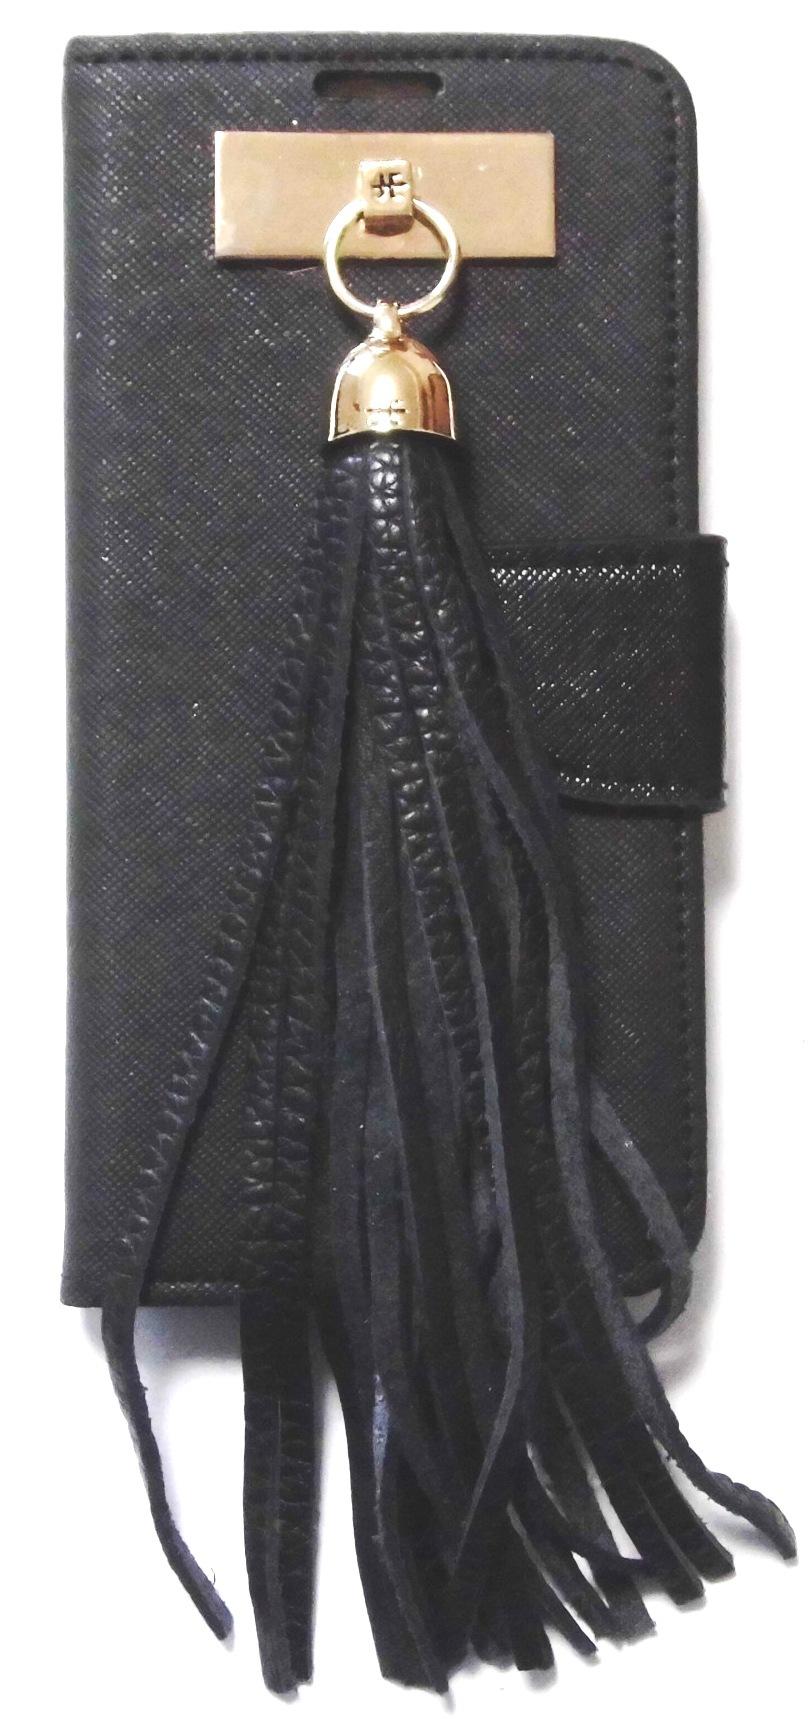 Butterfly smart wallet gold leather tassel galaxy s6 case (2)